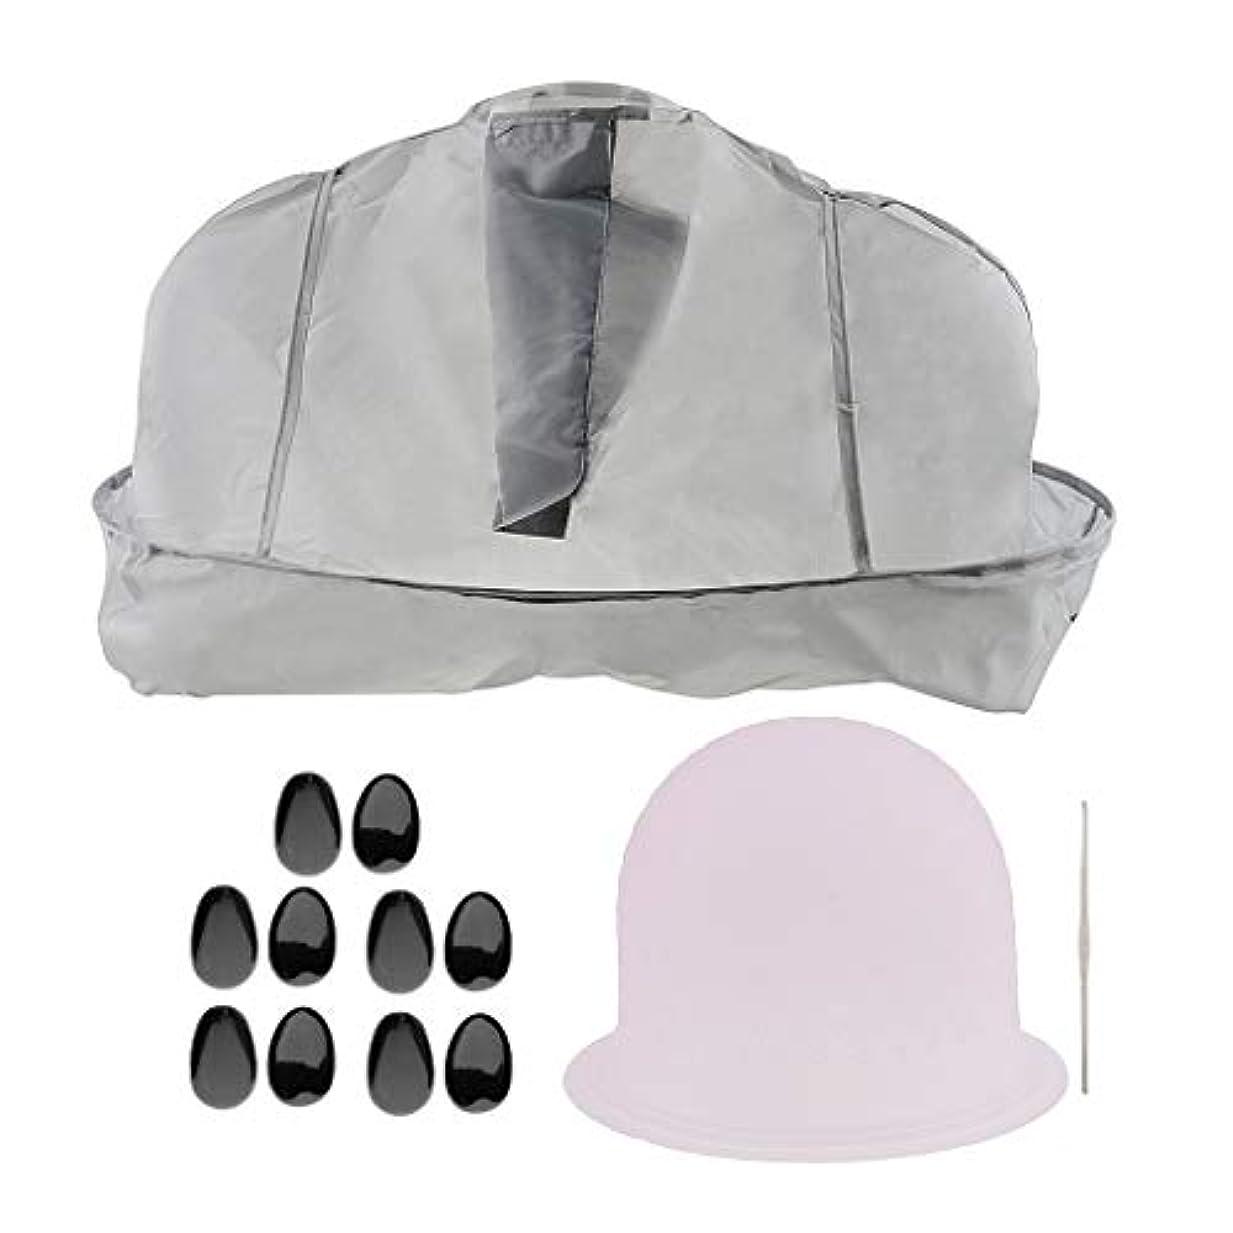 矩形息切れ位置づけるヘアティントキャップ メタルフック 美容ケープ 髪染め耳カバー サロン